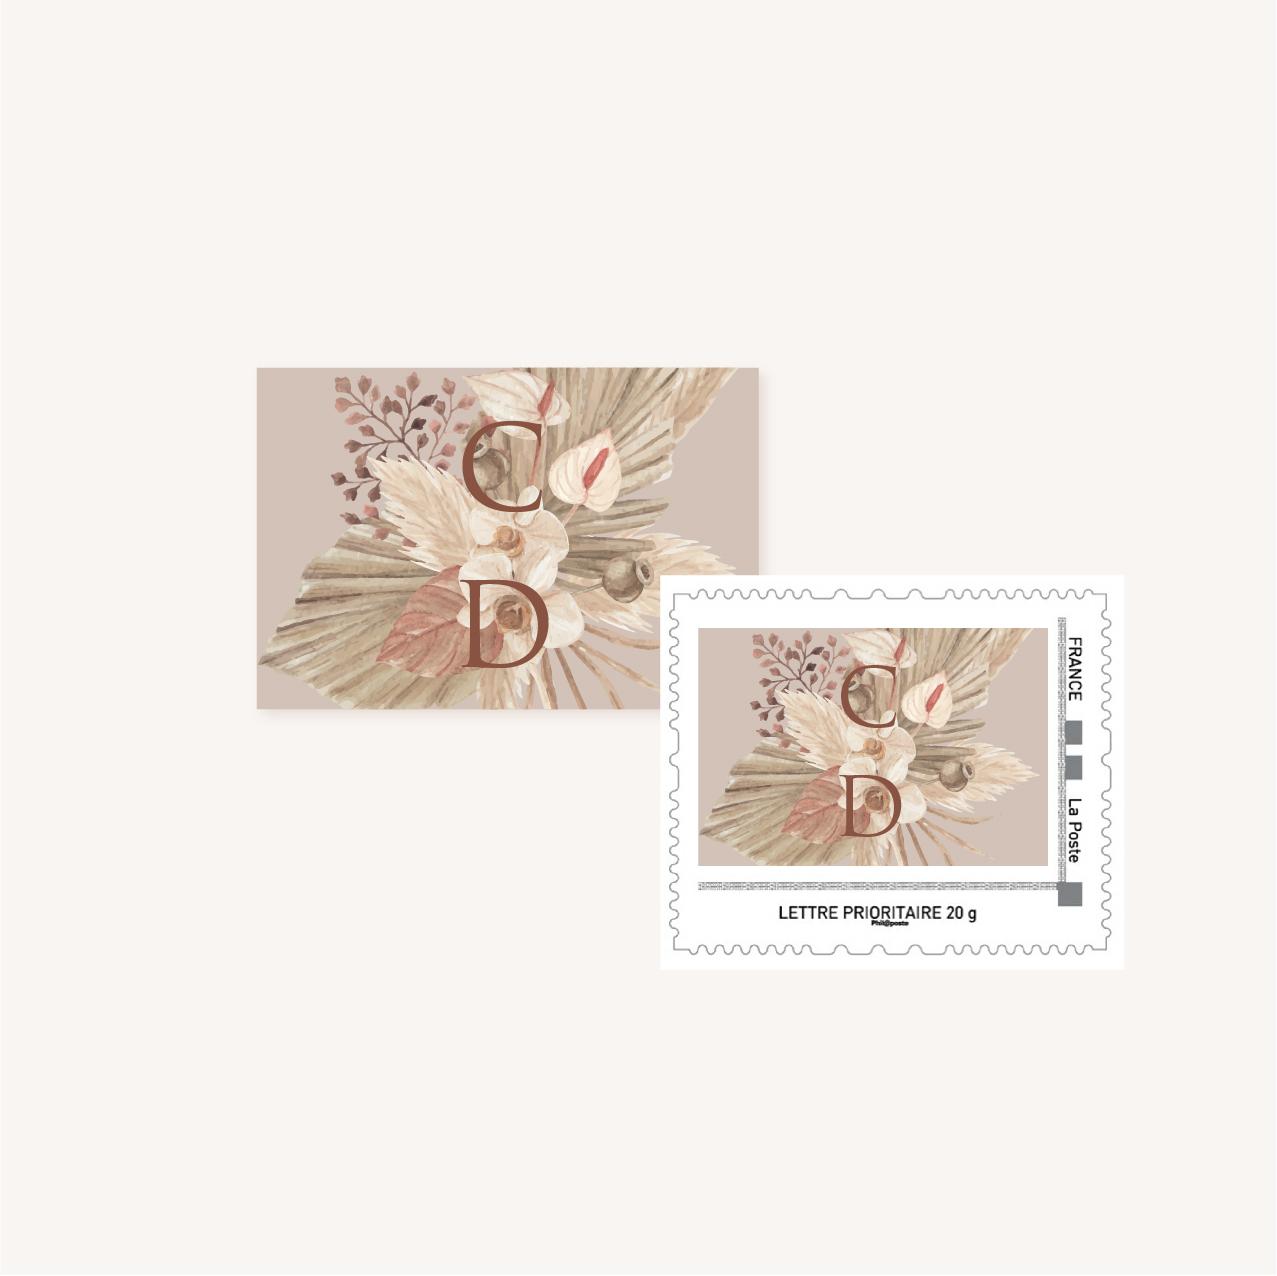 Timbre personnalisé pampa bohème boho boho chic Fleurs séchées floral mariage ocre terracotta